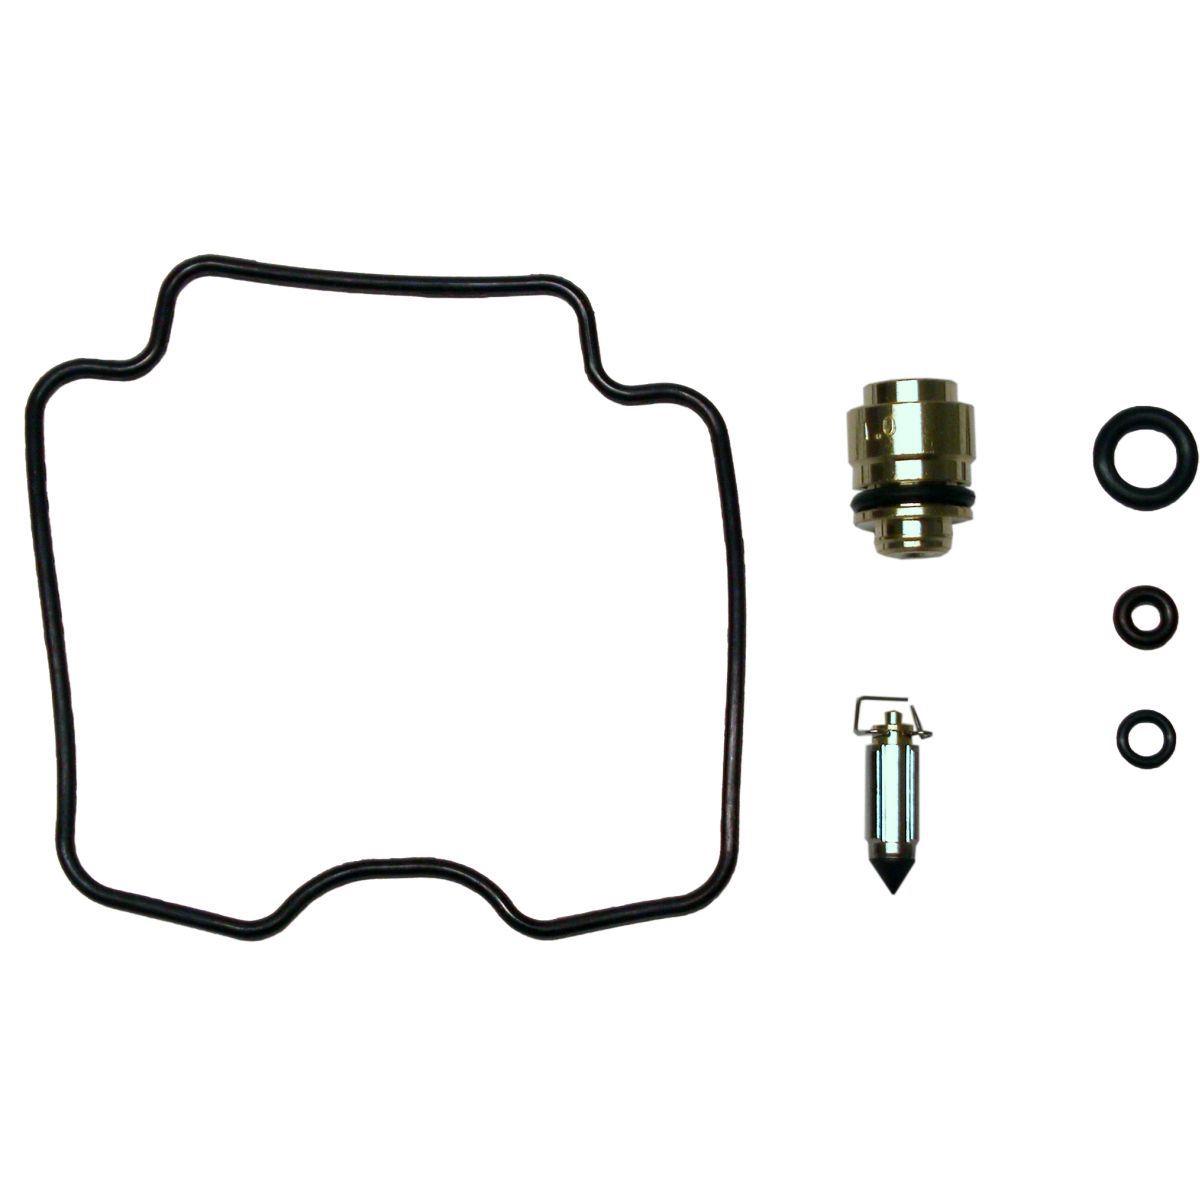 Yamaha Fzs Fazer S Cc Carb Repair Kit